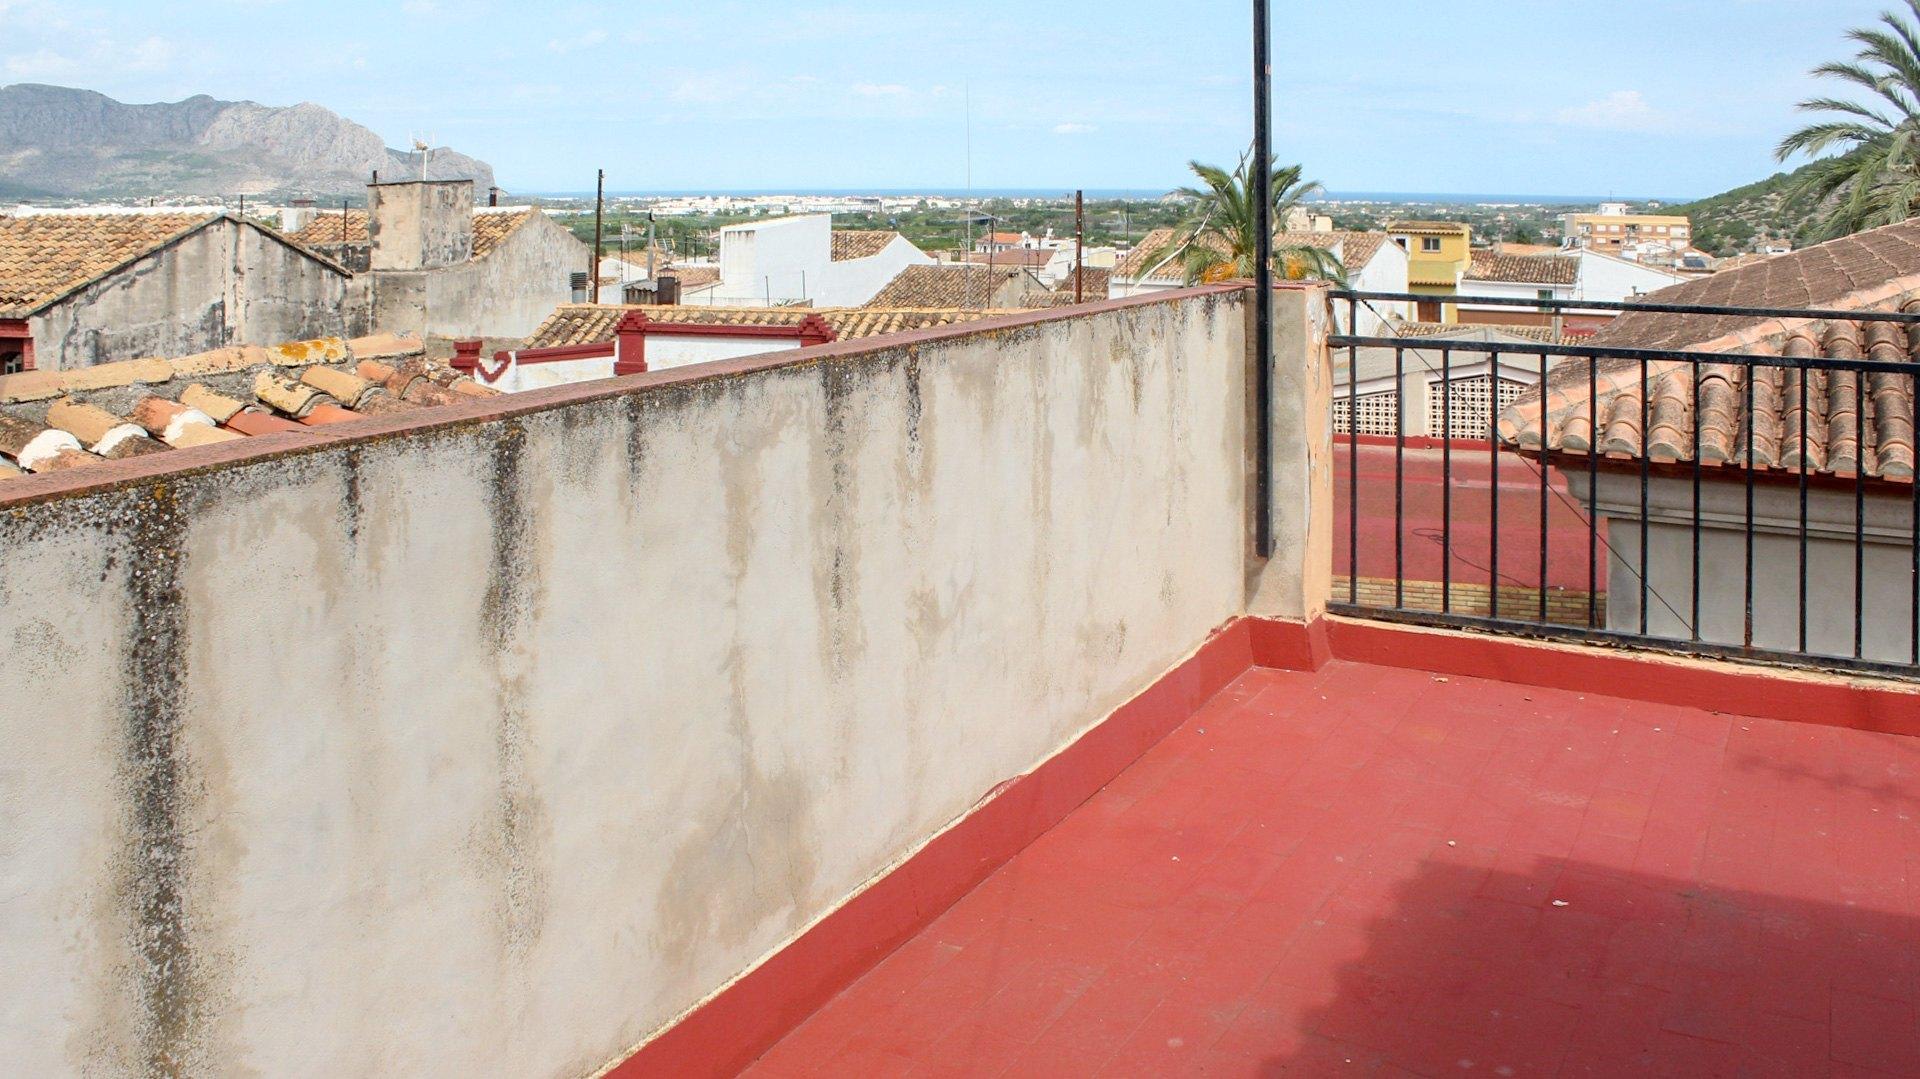 vitalcasa.sooprema-propiedades_5d91dda22e58d-source